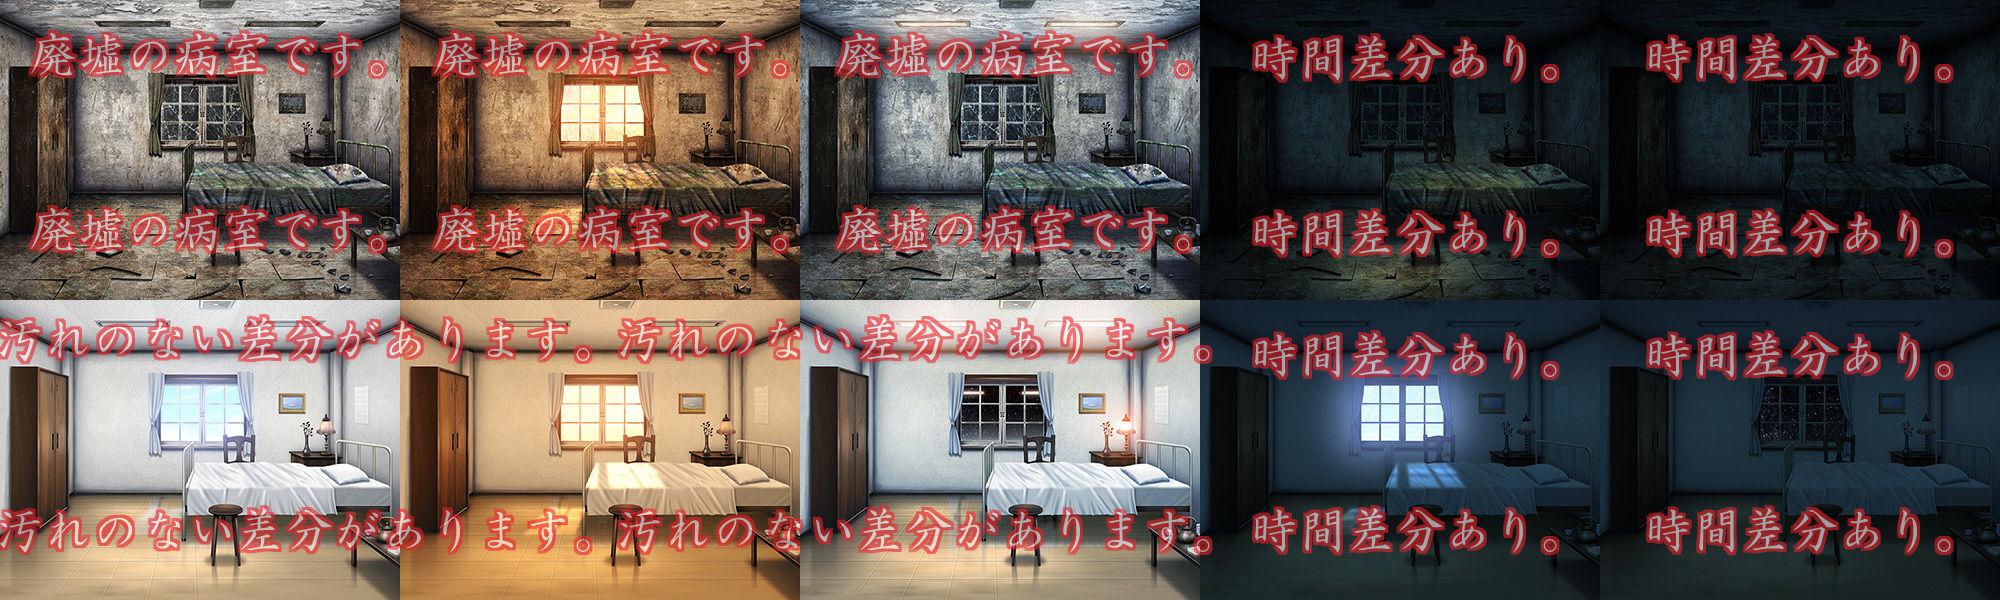 【キュキュキュのQのQ 同人】著作権フリー背景CG素材「廃墟病室」